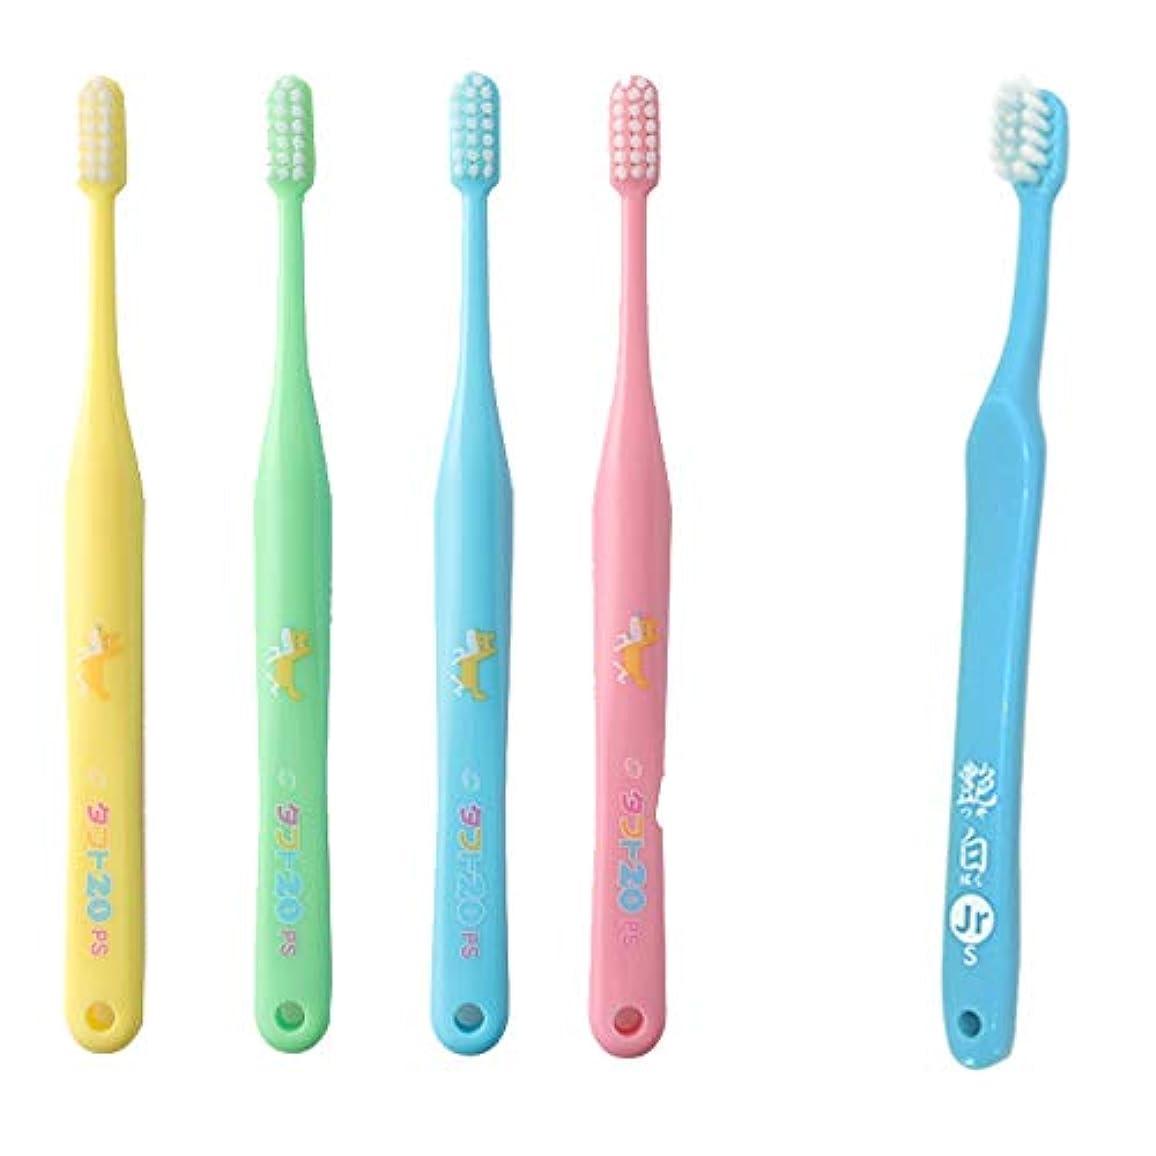 タフト20(プレミアムソフト) 歯ブラシ10本 + 艶白6歳~12歳用(S)1本